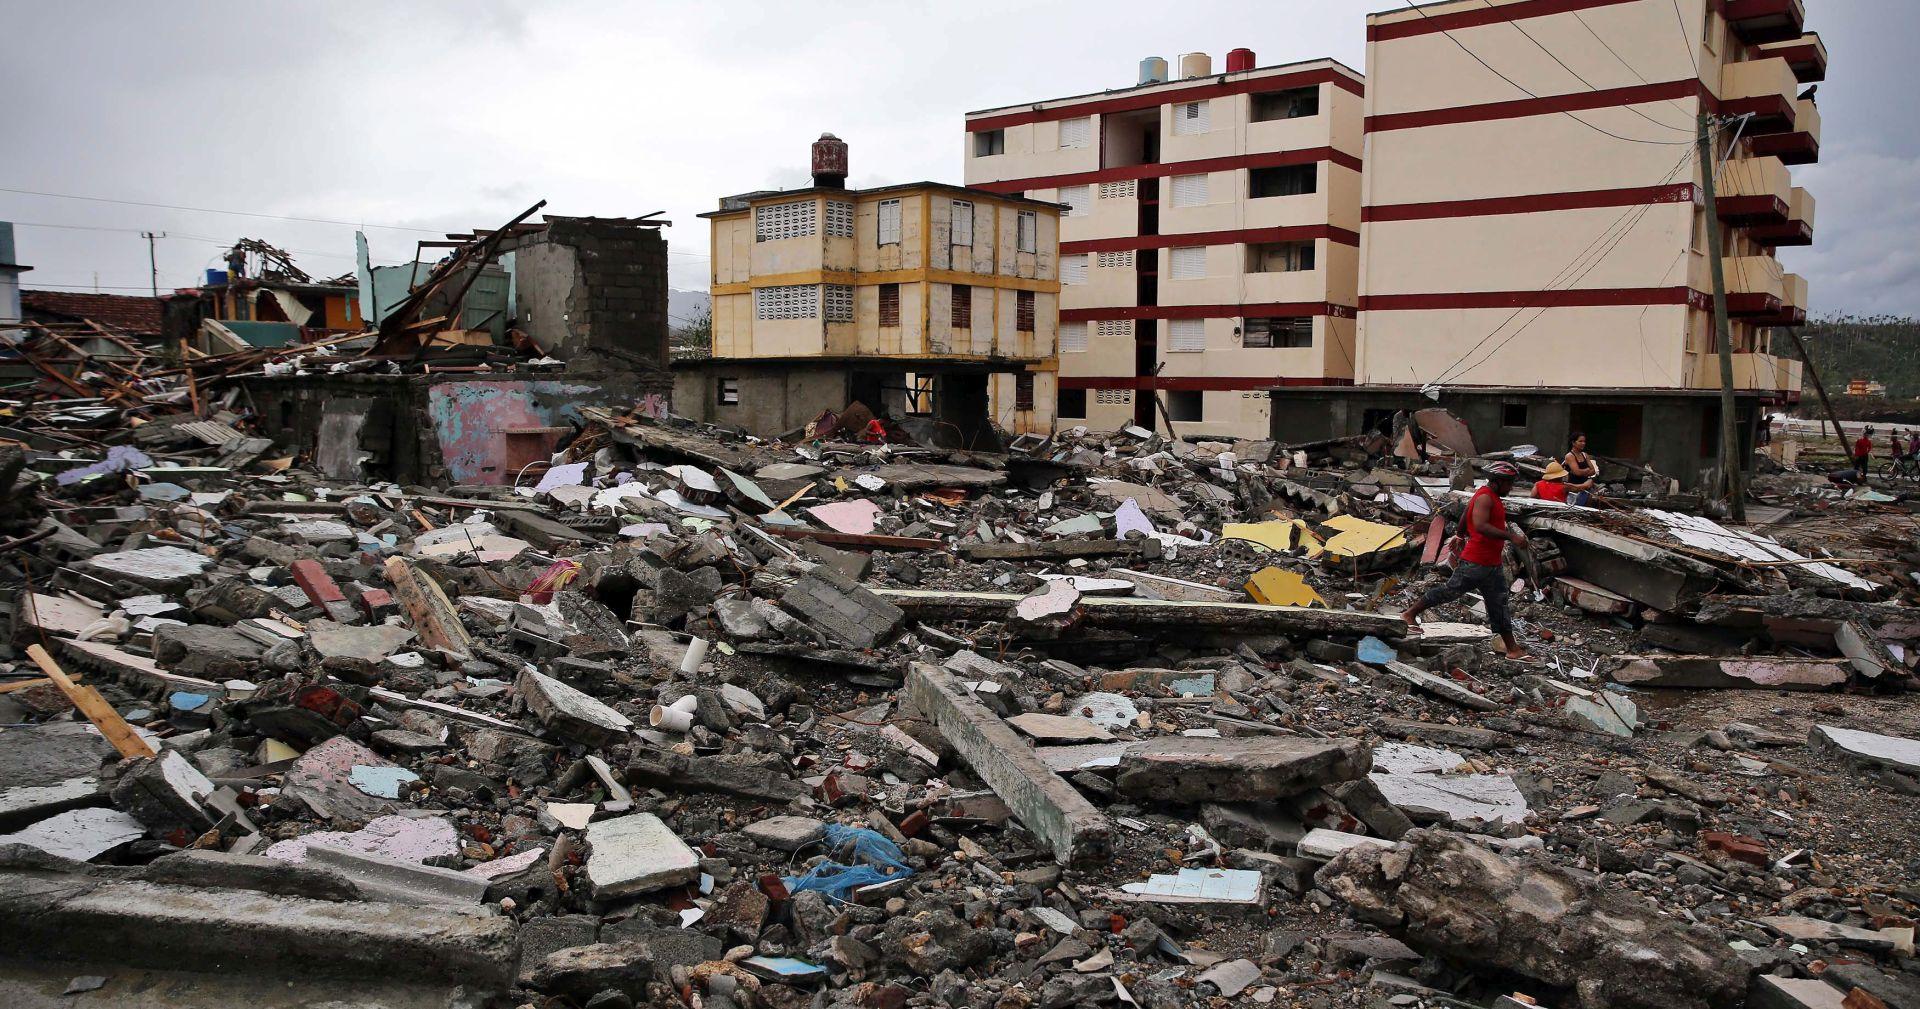 VIDEO URAGAN MATTHEW: Oluja odnijela 140 života i približava se Floridi, Obama proglasio izvanredno stanje